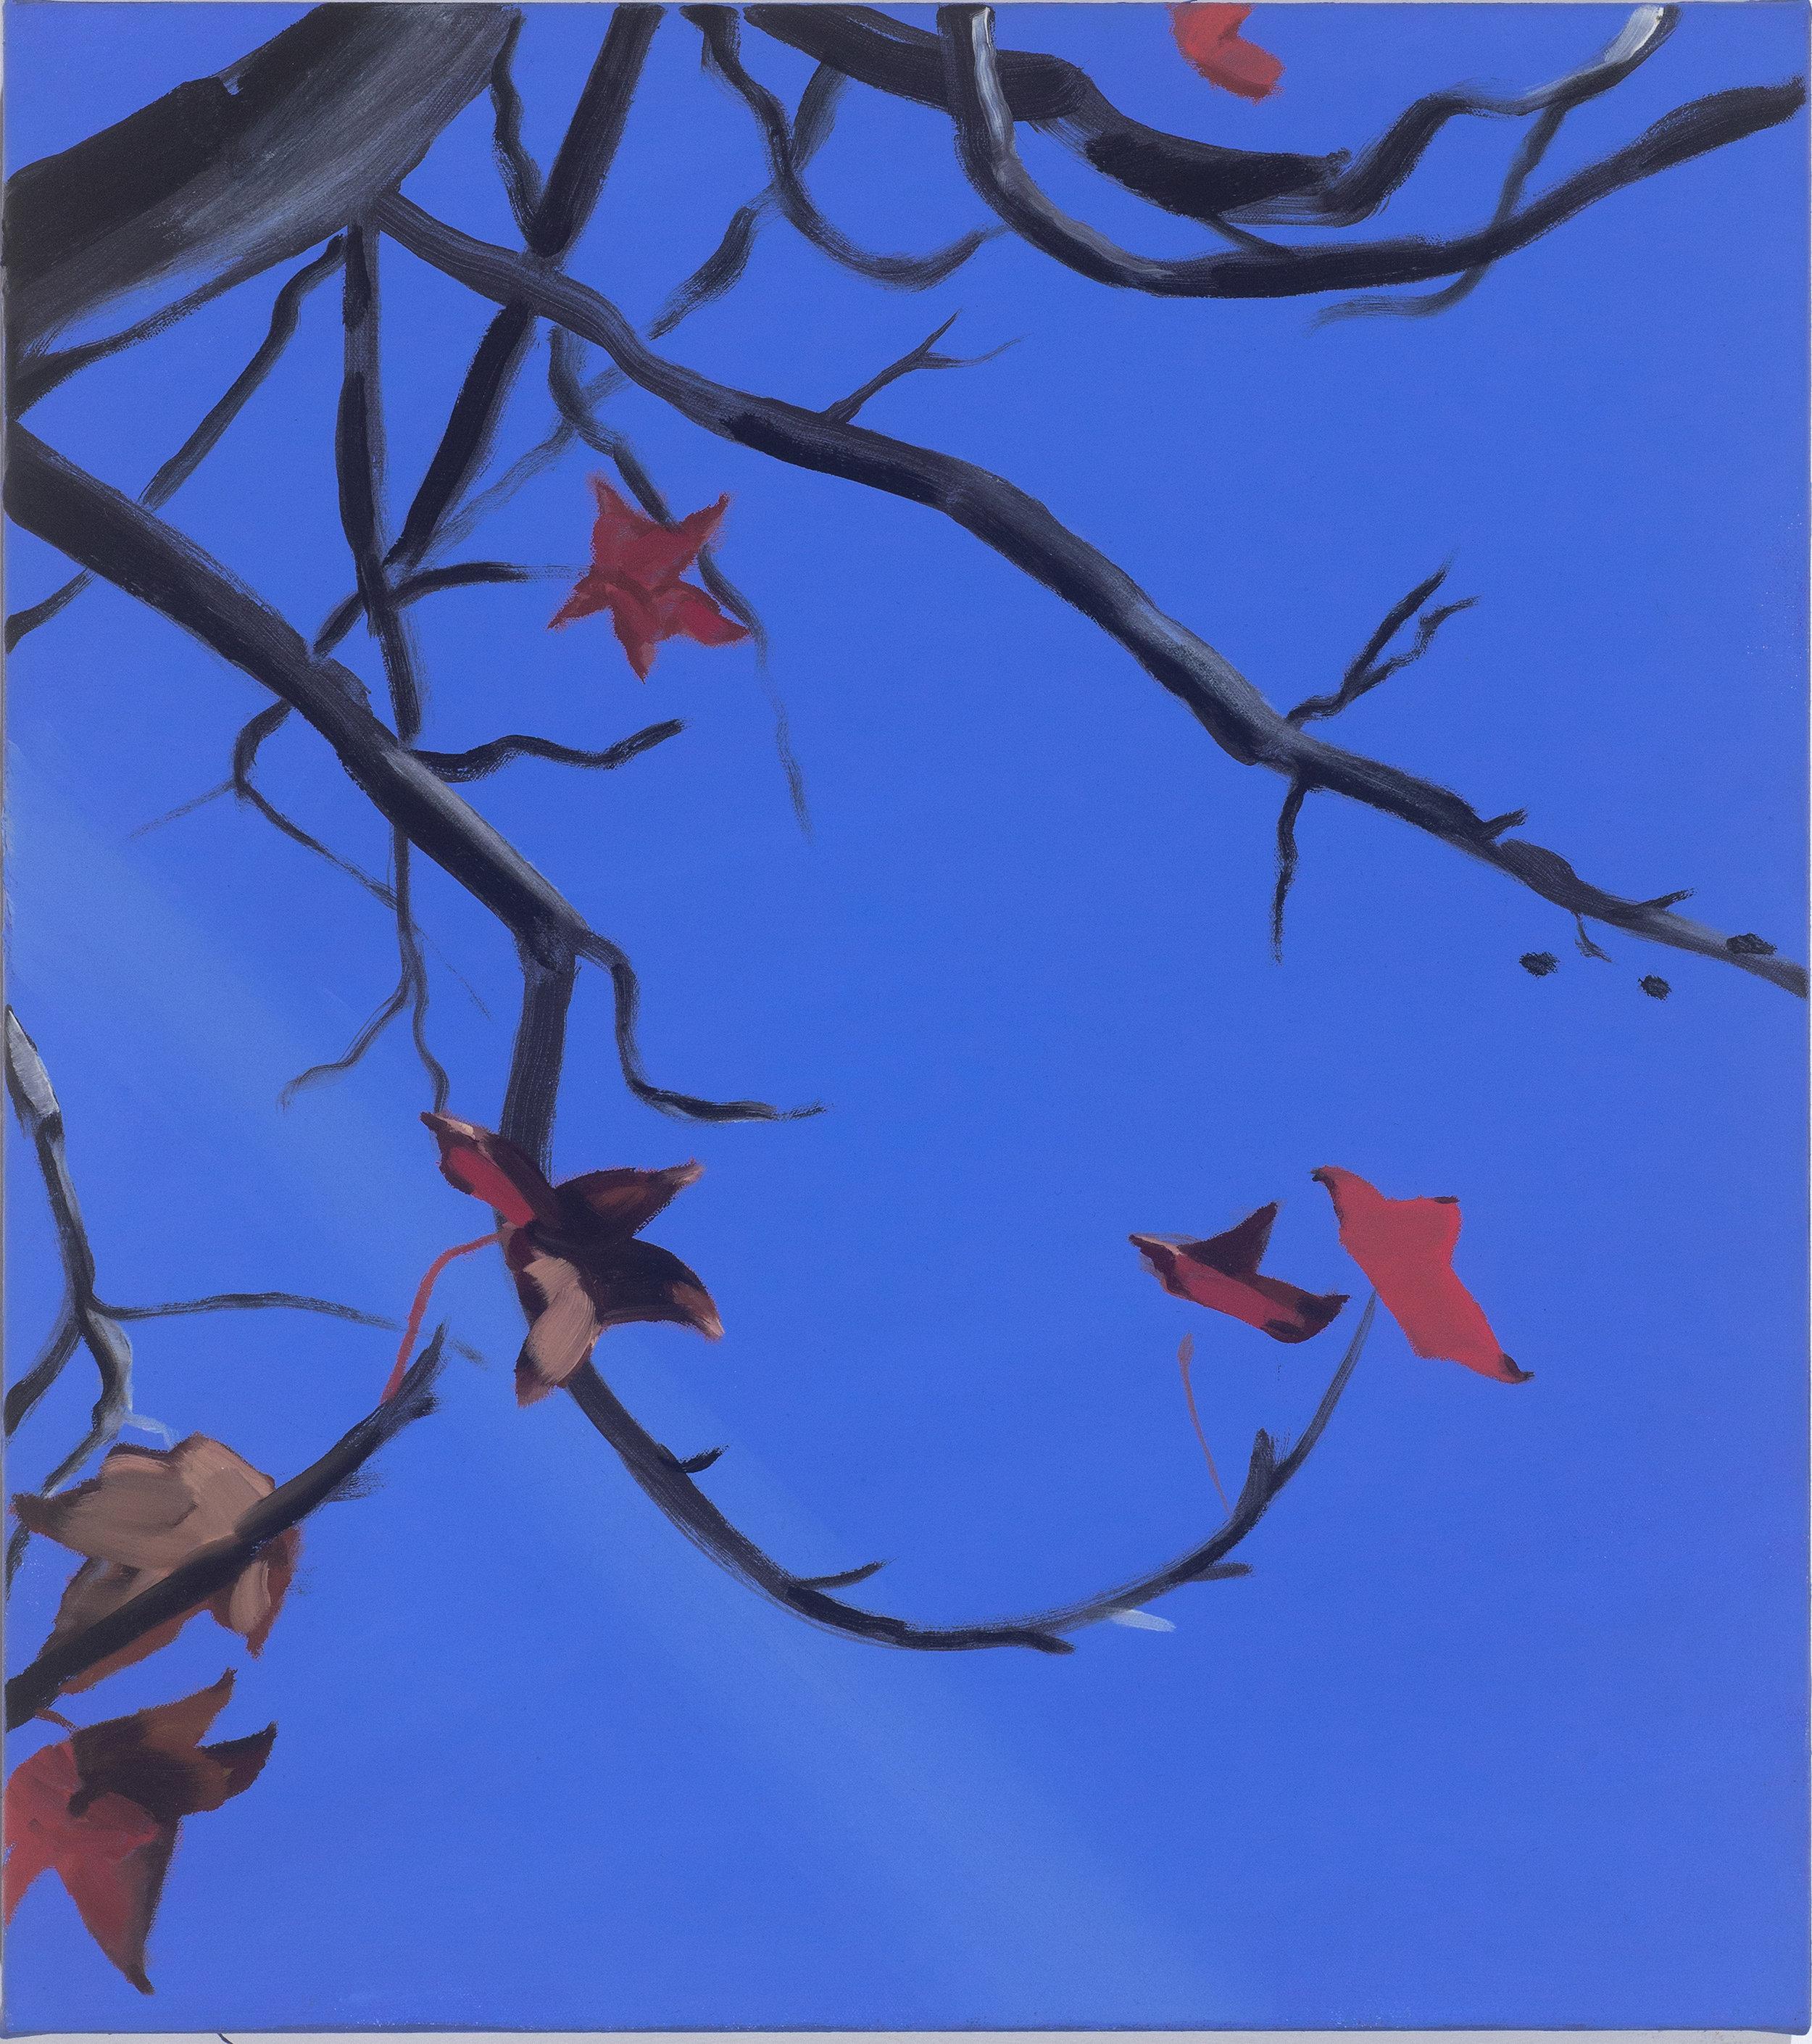 Autumn Sky, oil on canvas, 46x41 cm